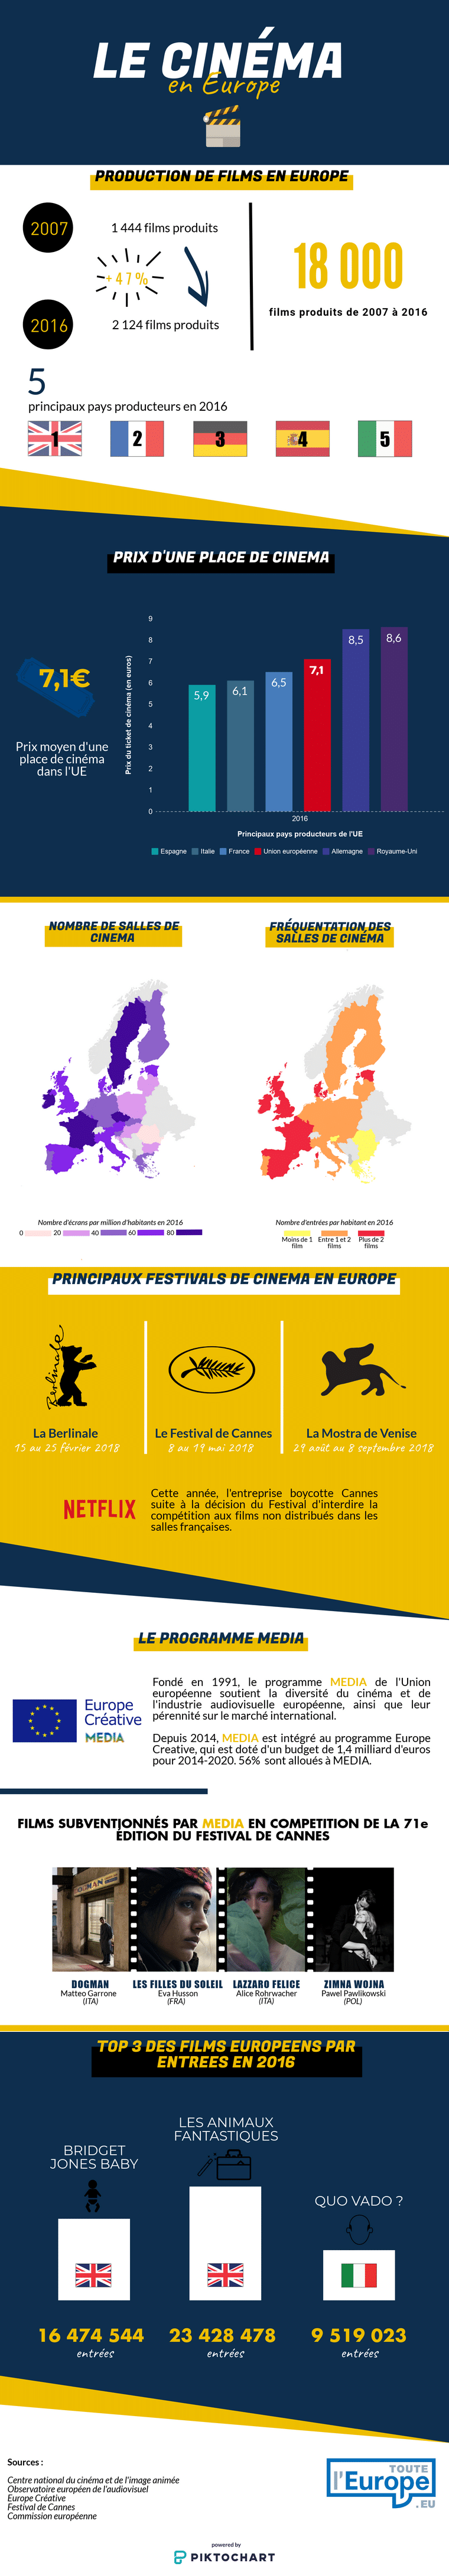 Infographie : le cinéma en Europe